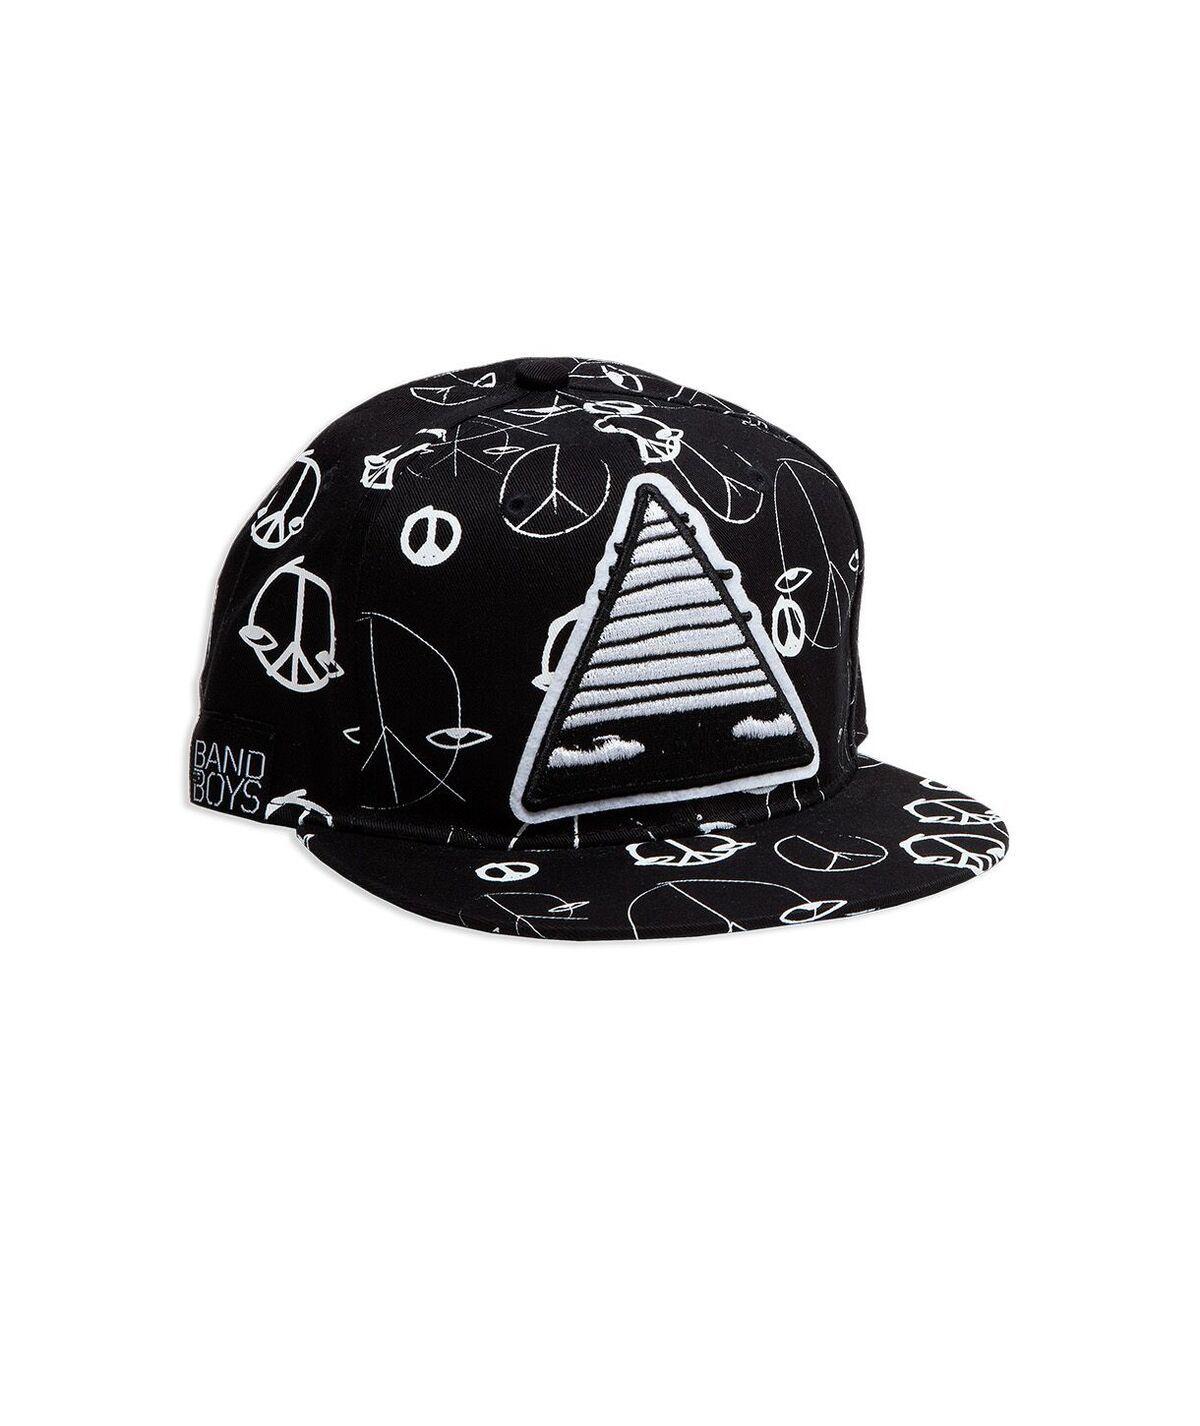 Peace Out Patch Hip Hop Cap, Black